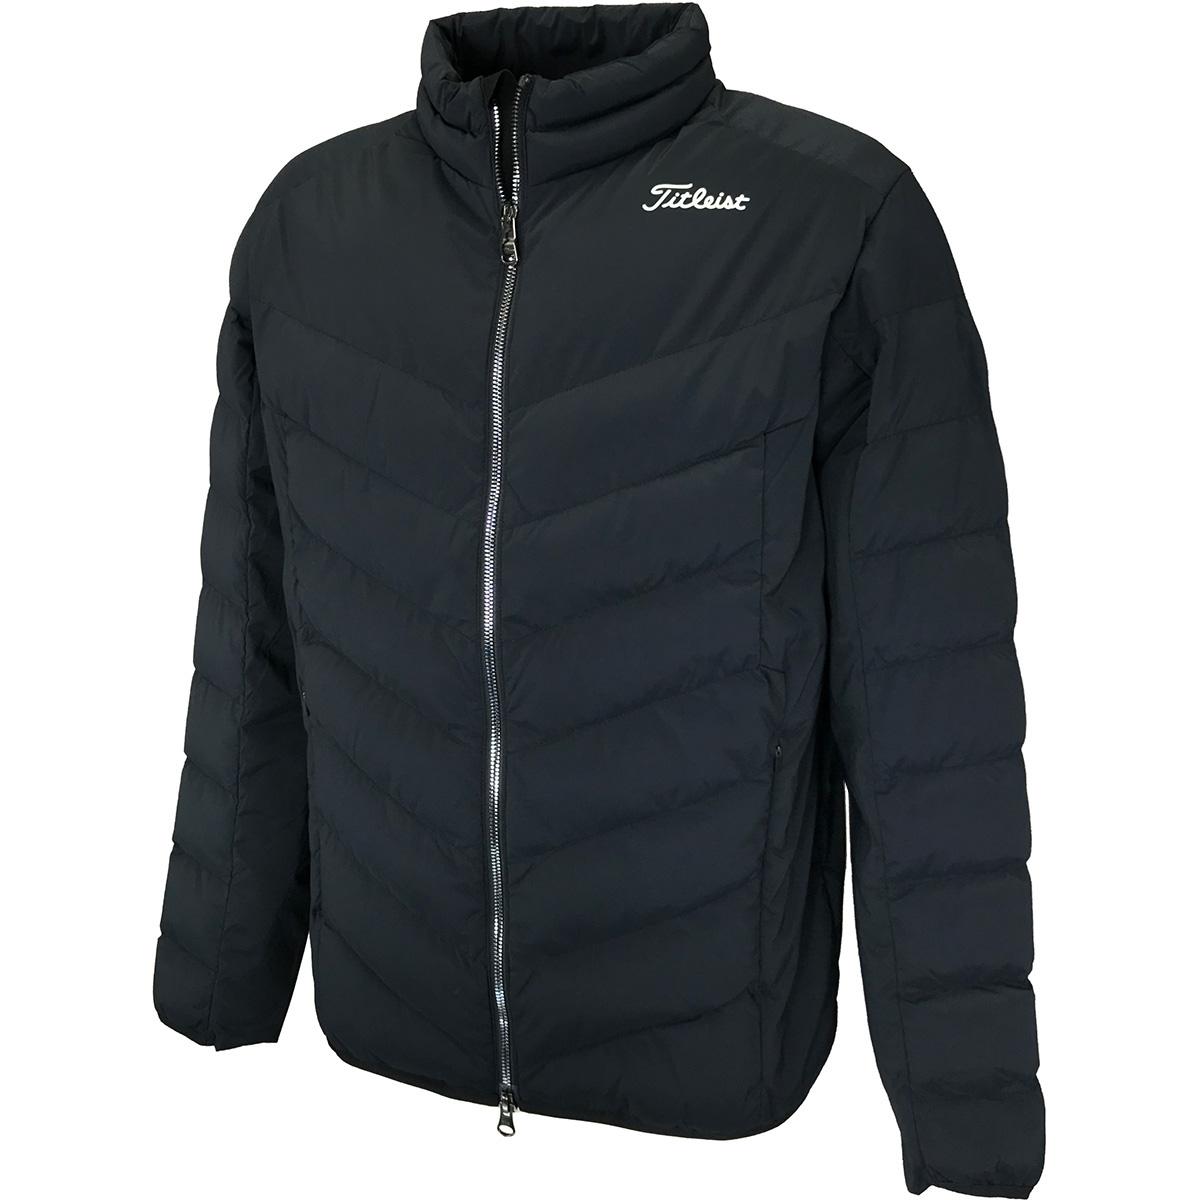 2WAYストレッチ インサレーションジャケット